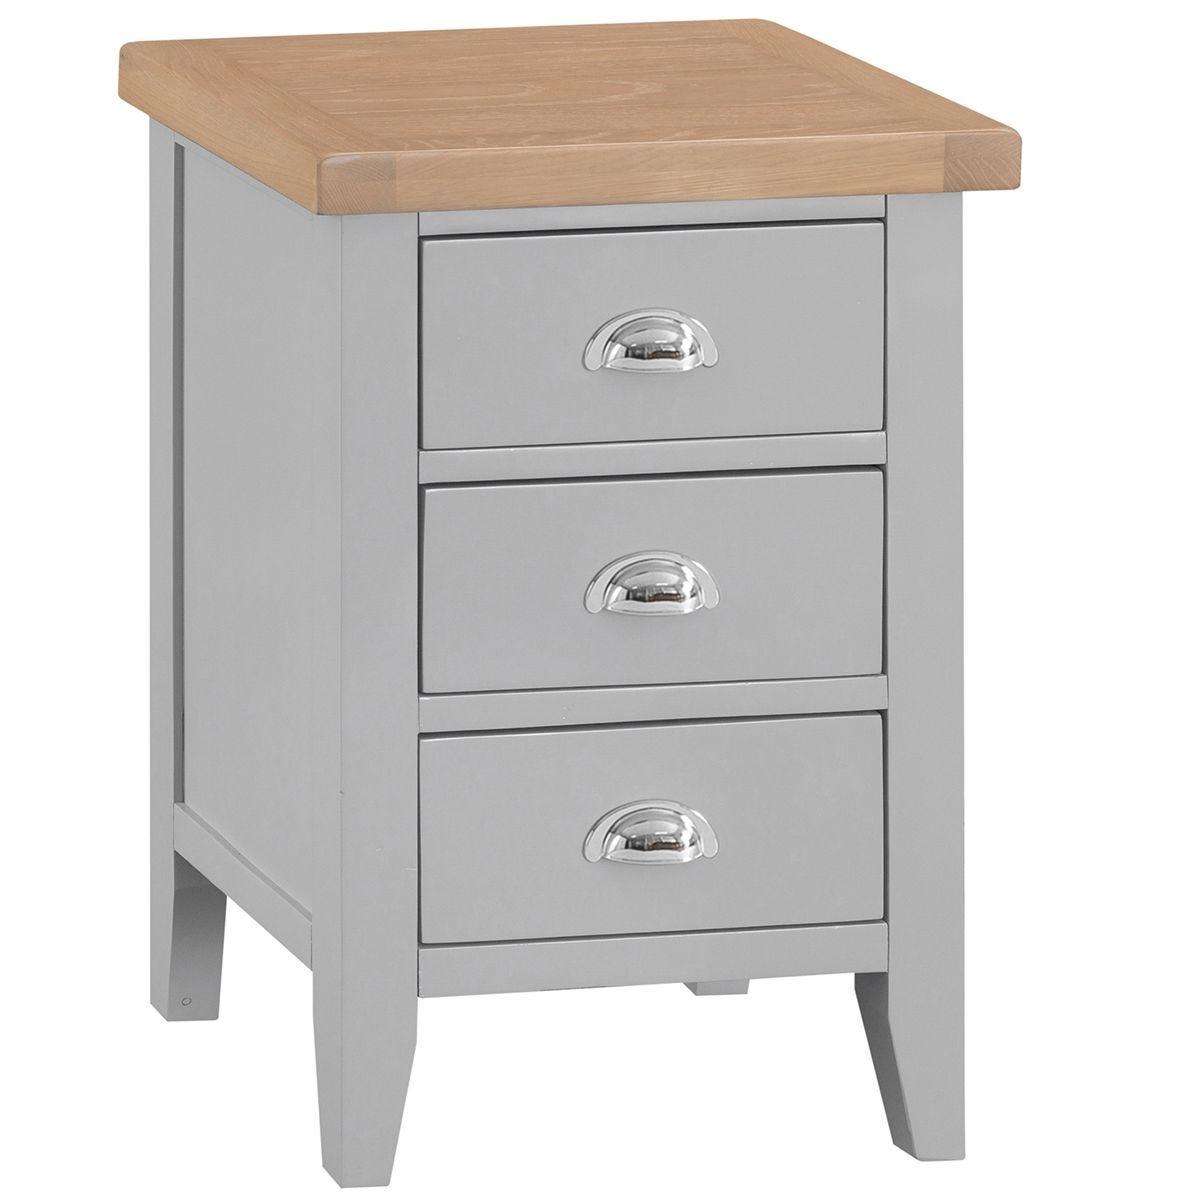 Madera 3 Drawer Narrow Bedside Table - Grey